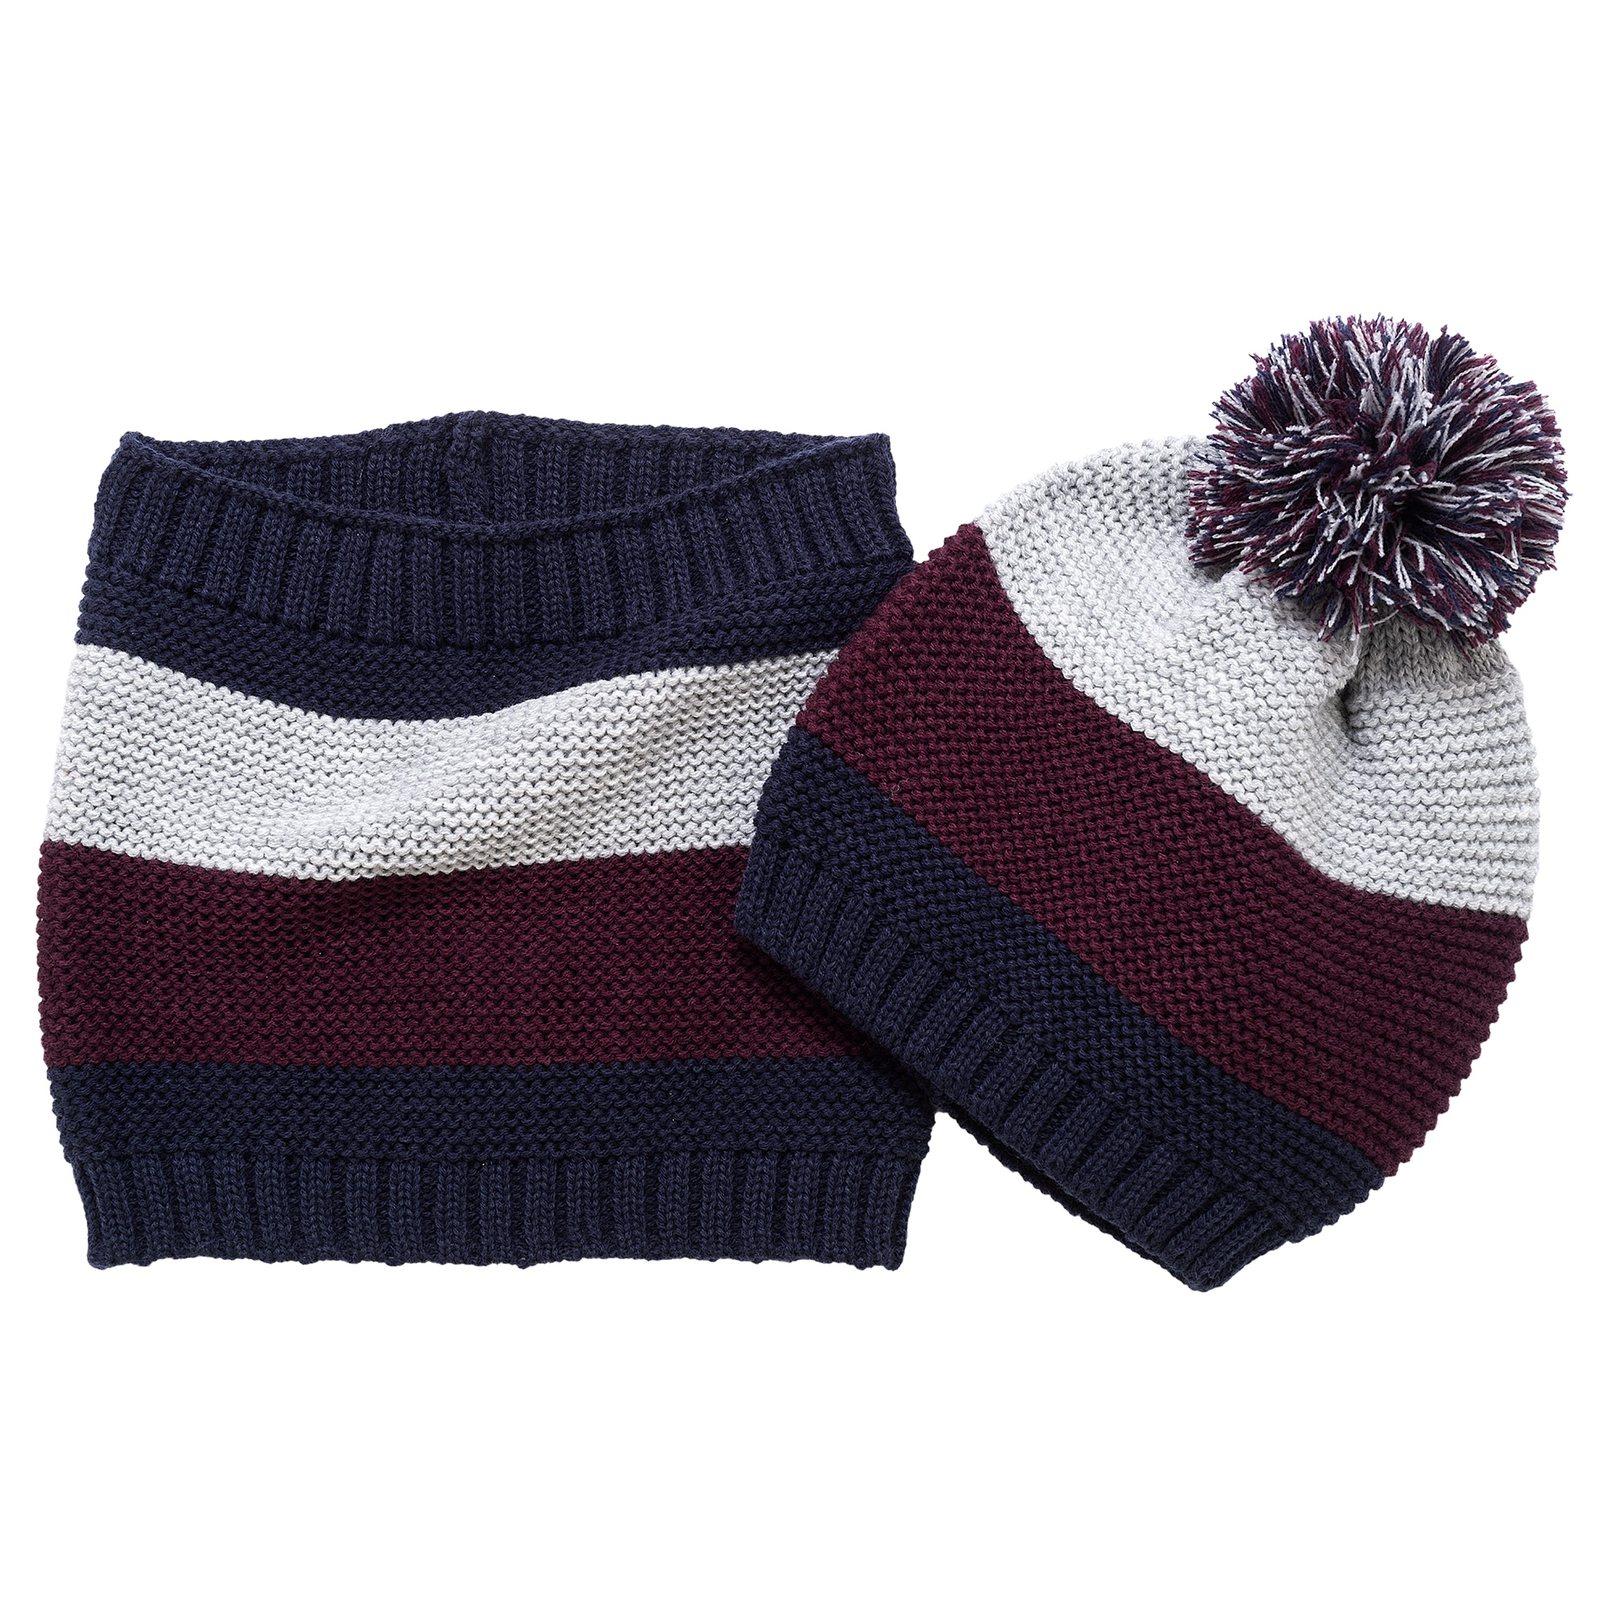 comprare a buon mercato scaricare la consegna materiali superiori Set cappello e scaldacollo Balix